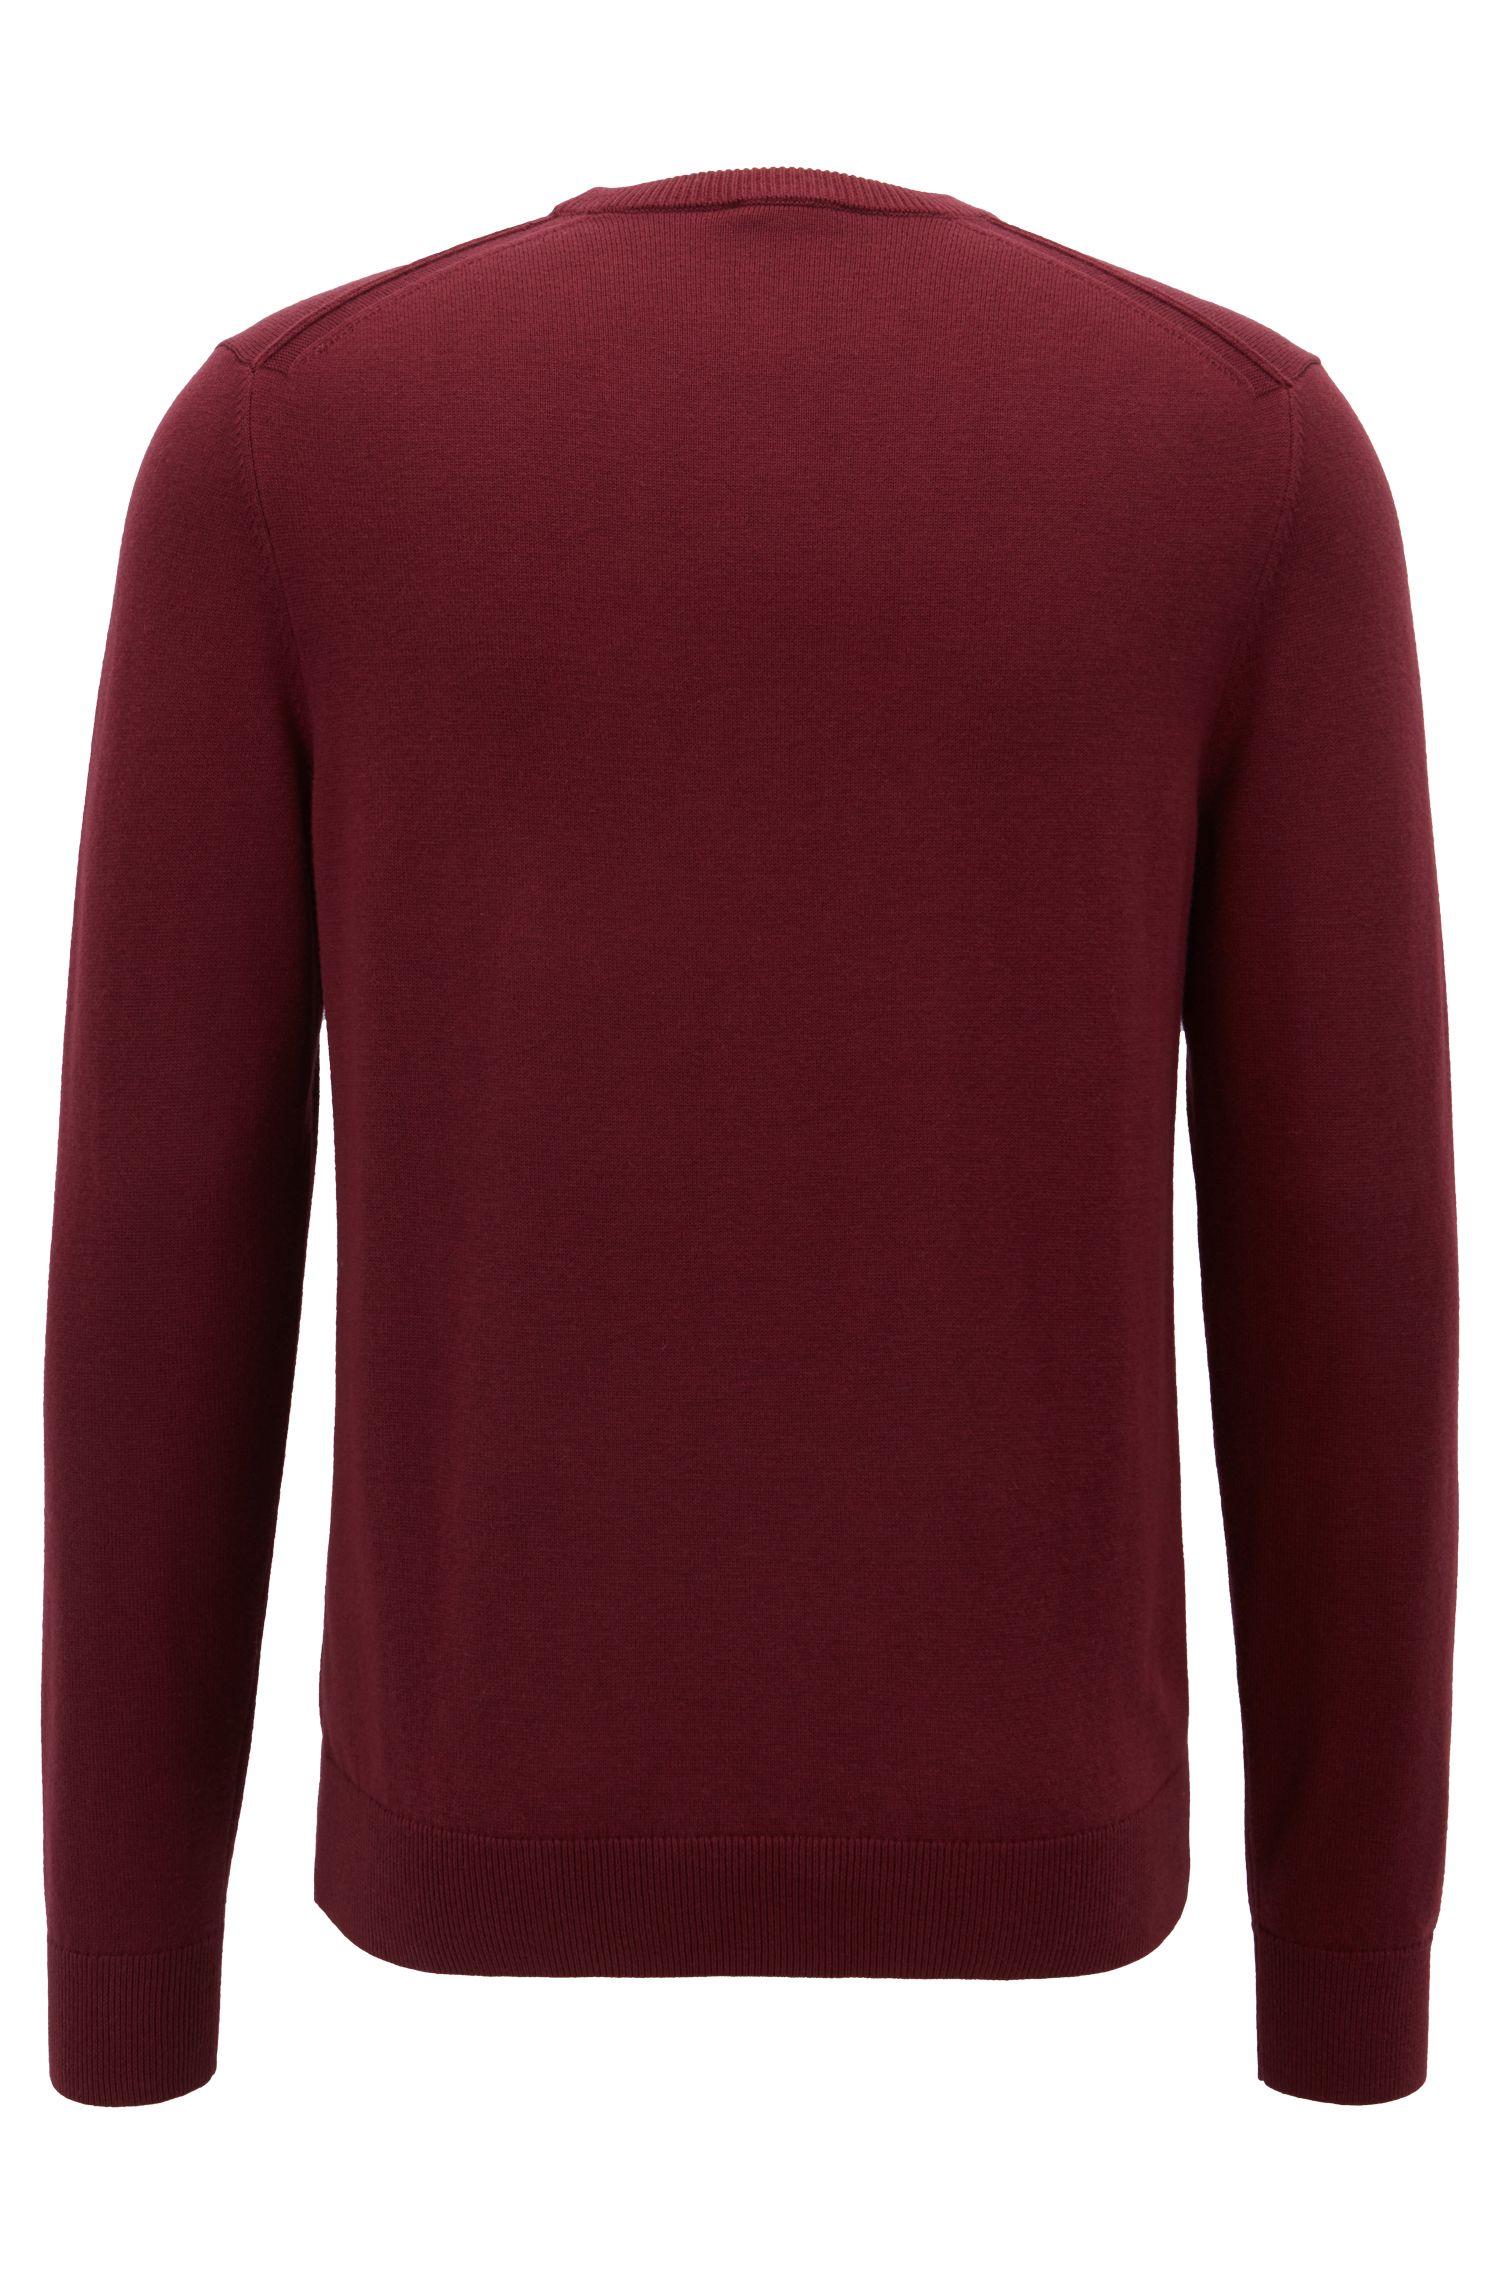 Maglione lavorato in lana vergine leggera e cotone, Rosso scuro